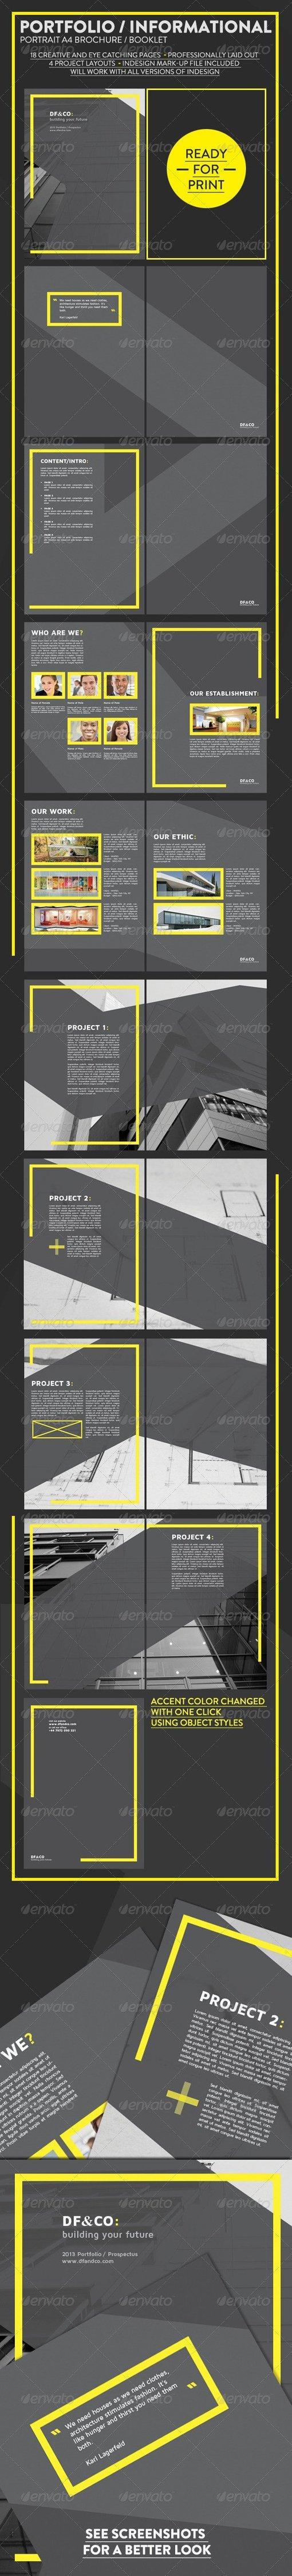 杂志的字体排版设计 图片_hao123网址导航